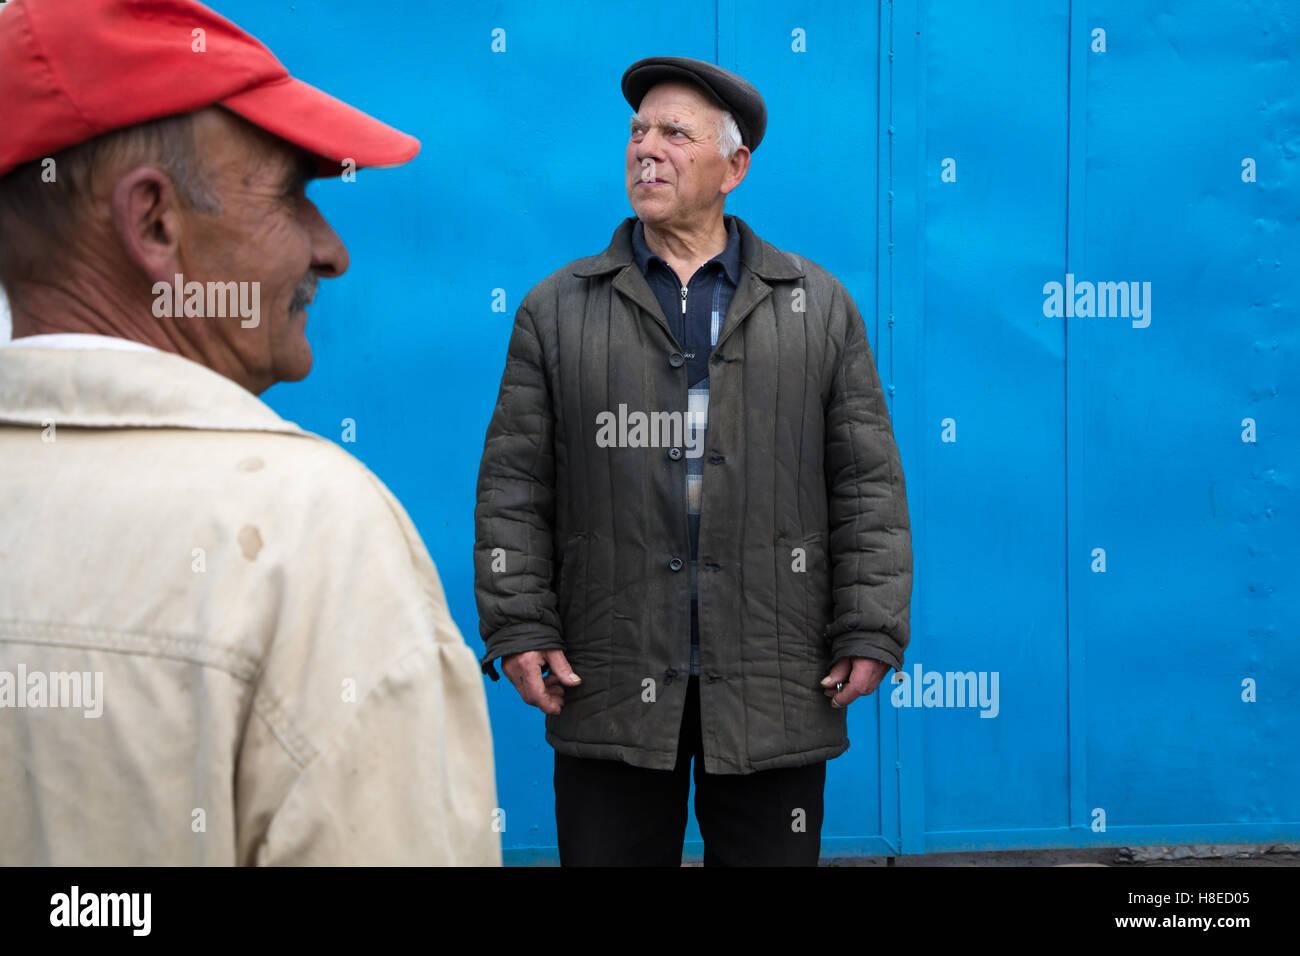 Kirgisistan - Menschen Männer Leben in Tamga Dorf - Reisen in Zentralasien Stockbild